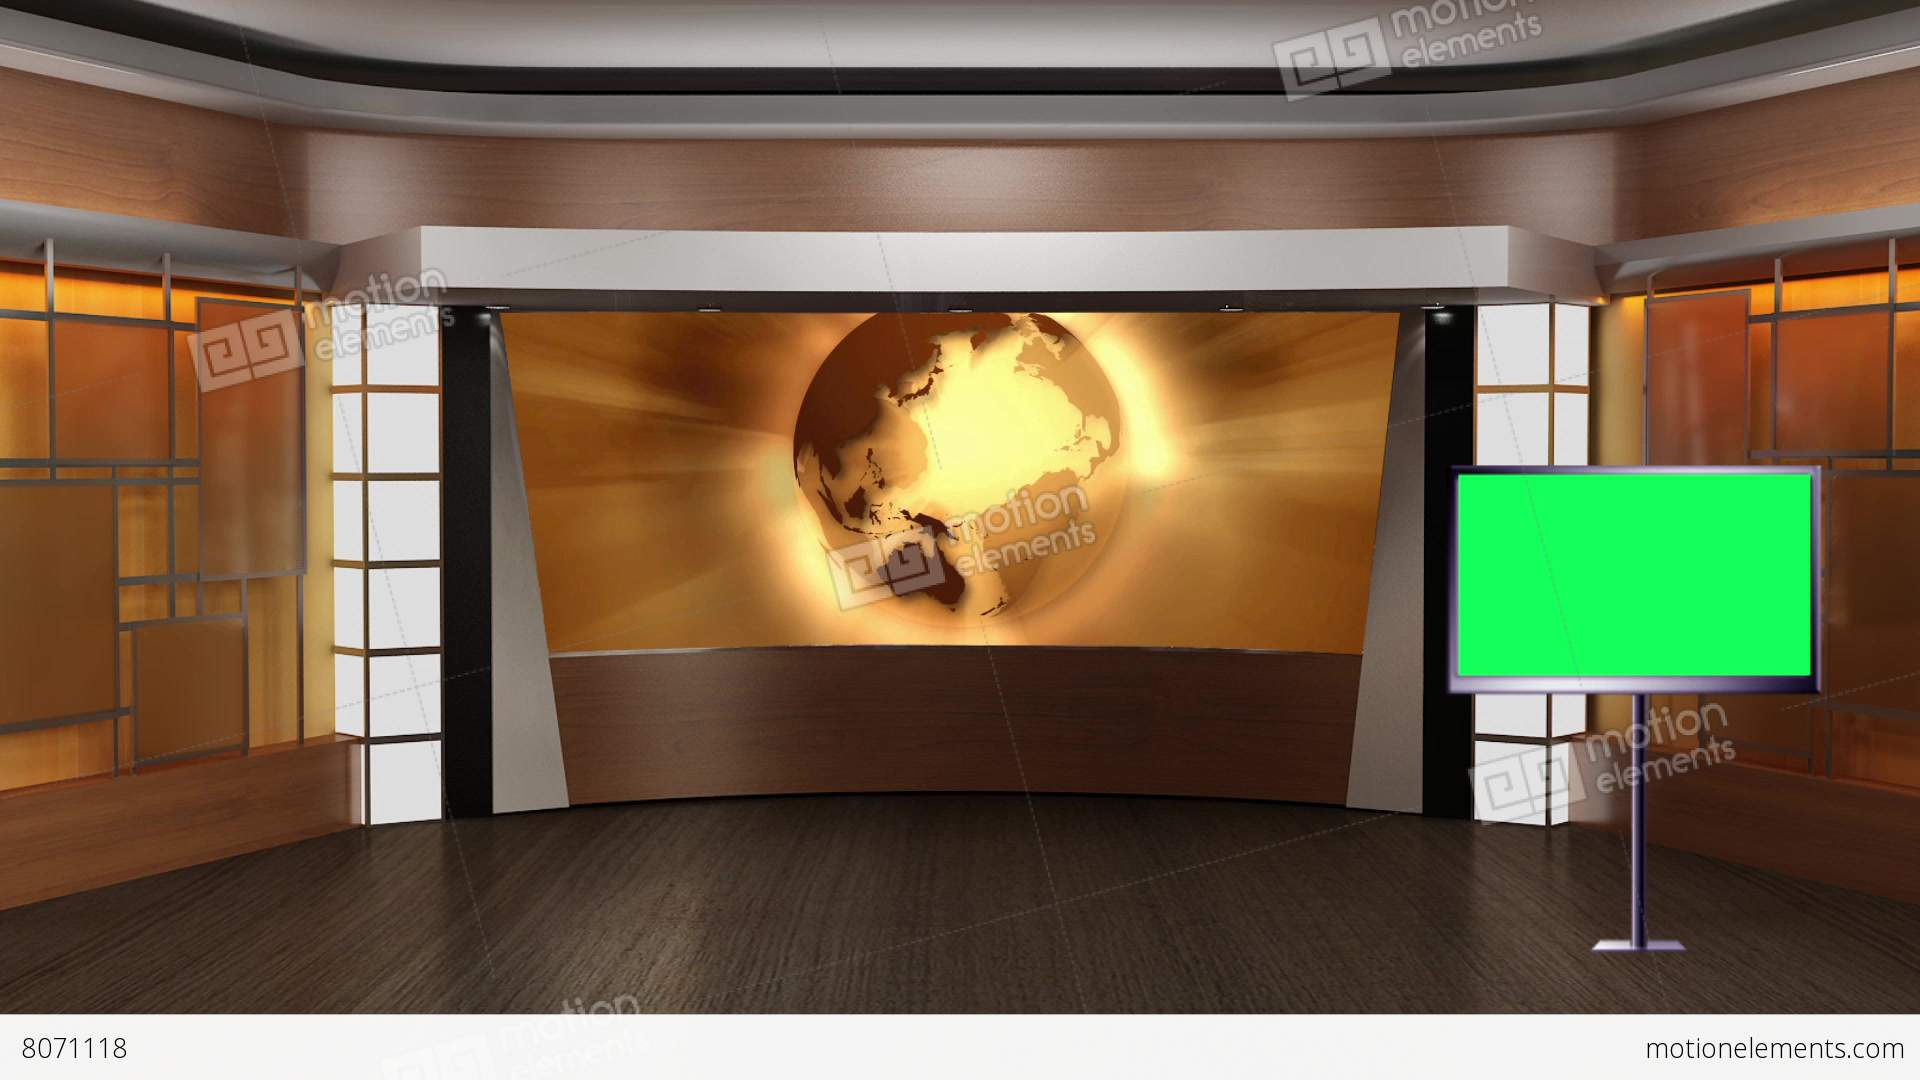 de stock  Libres de derechos Librería Banco de Vídeos  8071118